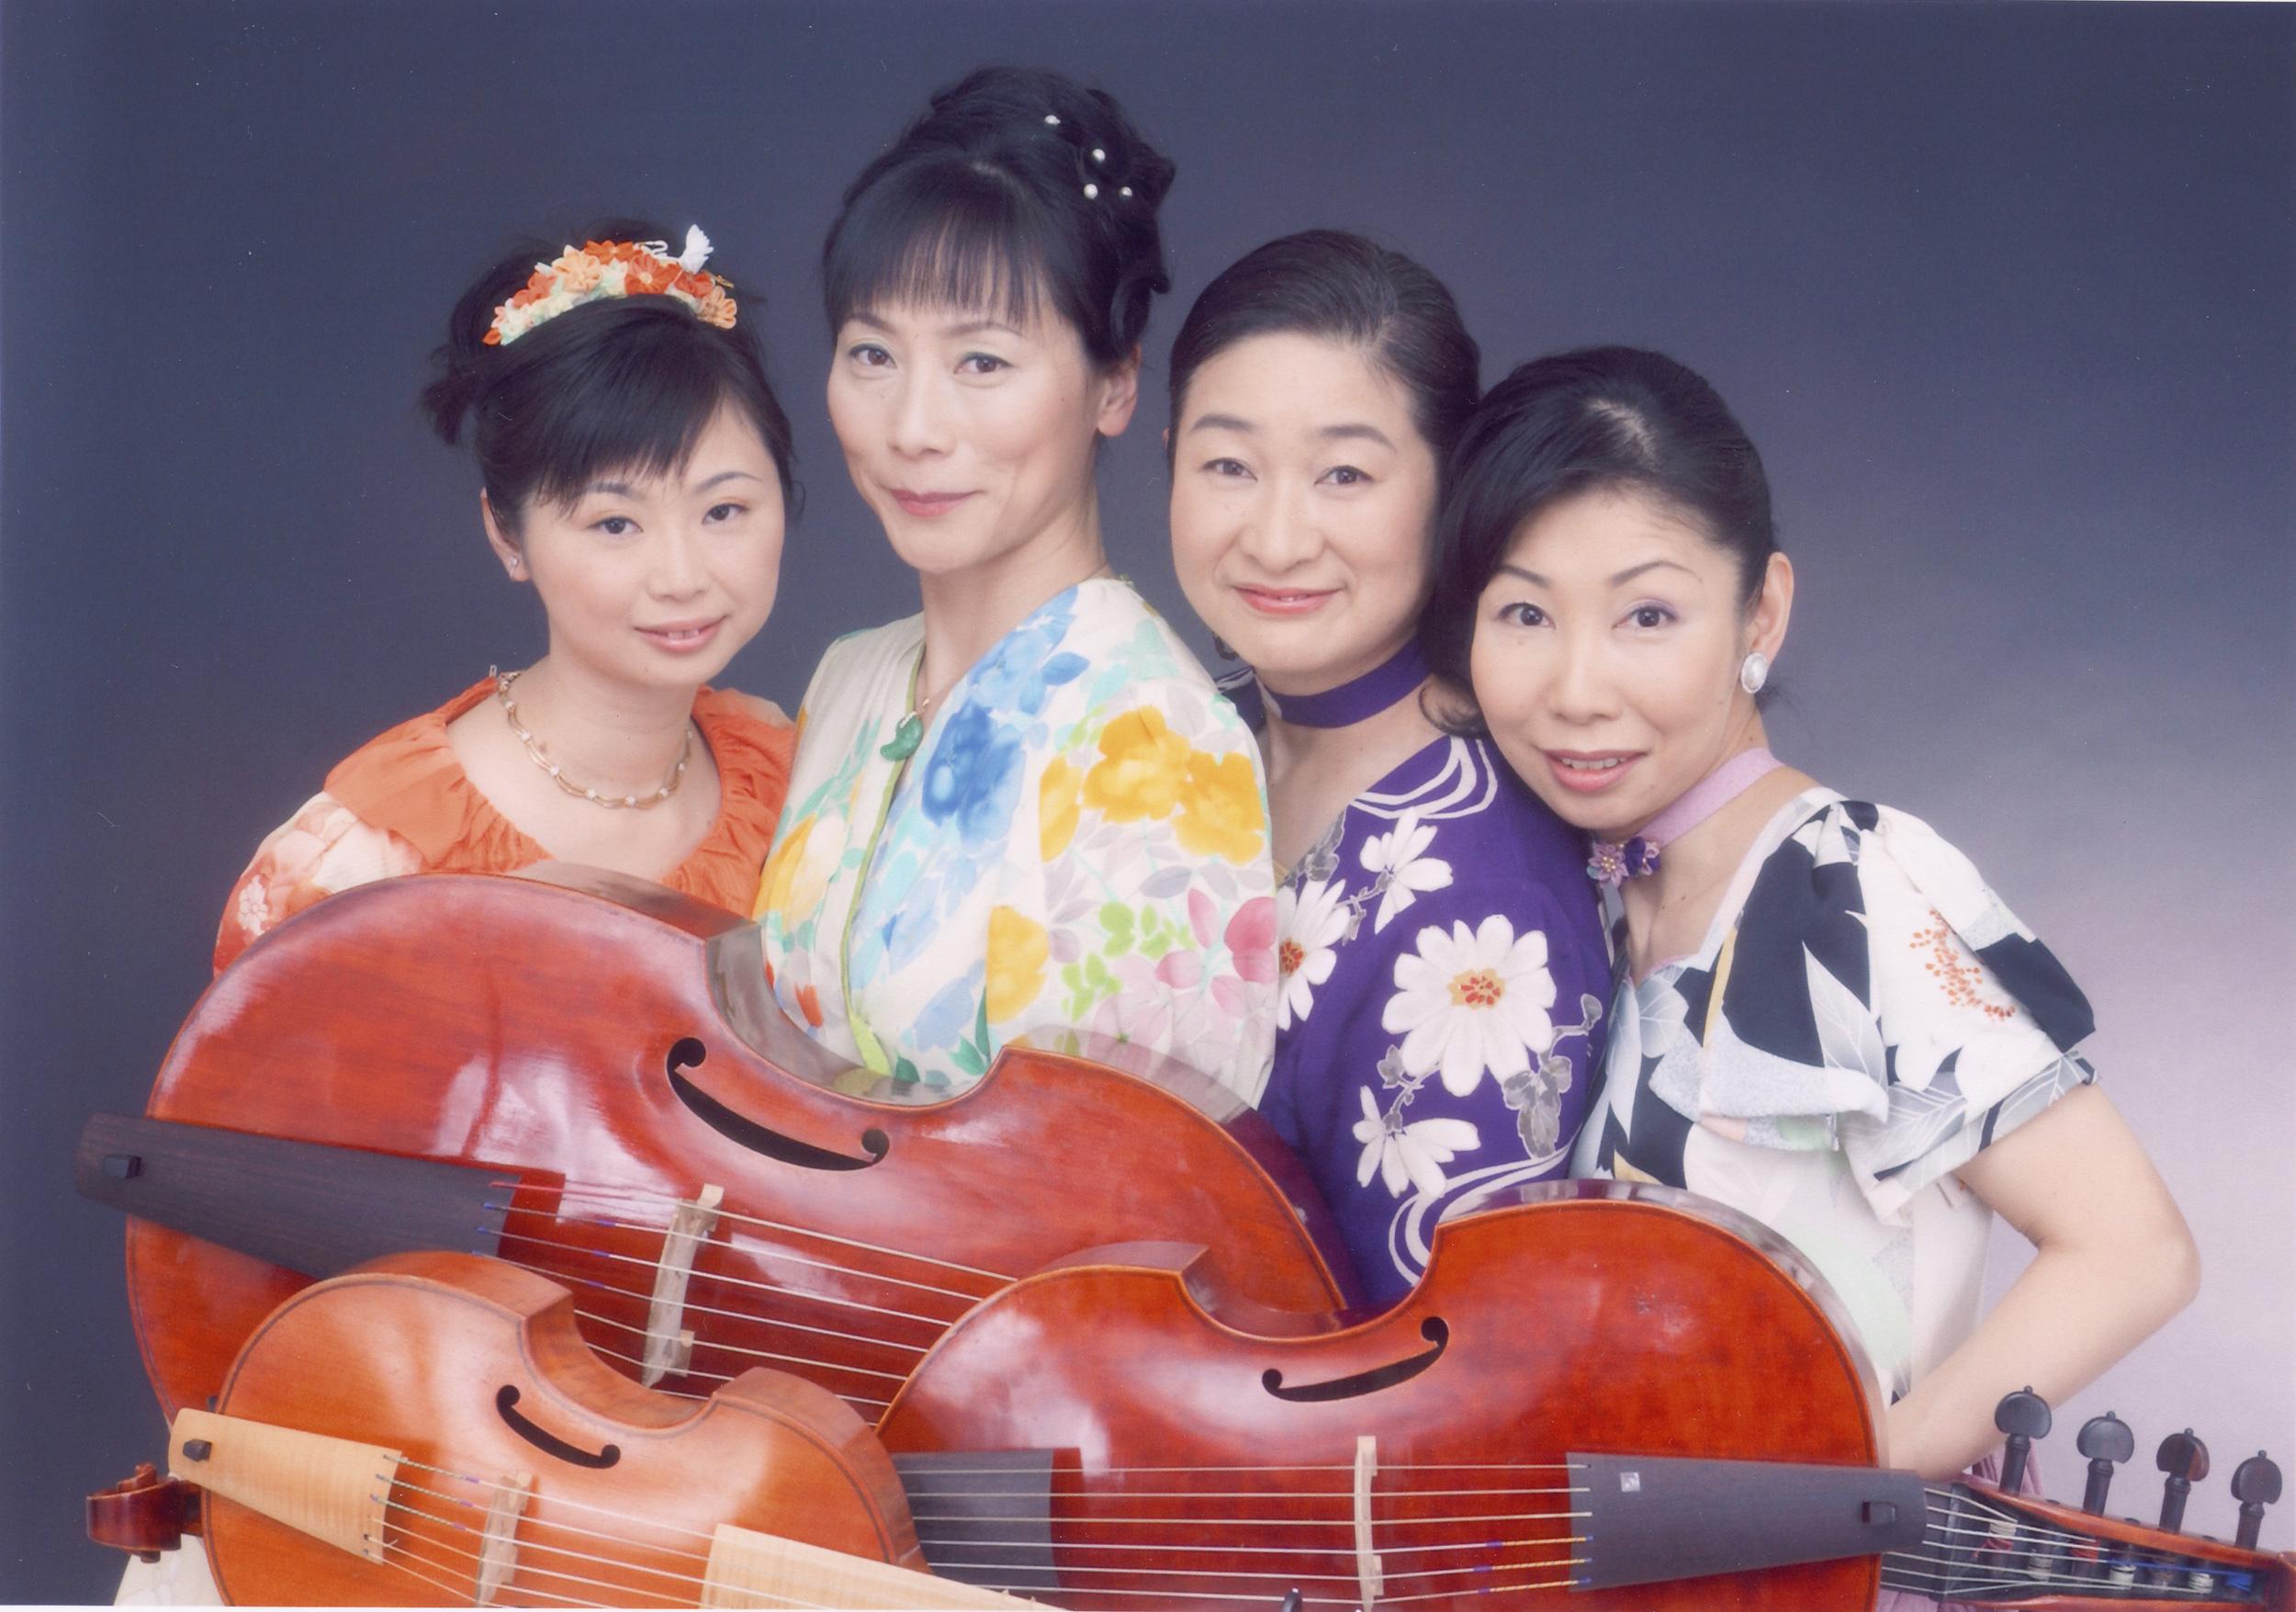 神戸愉樹美ヴィオラ・ダ・ガンバ合奏団はヘンリー・パーセルの名曲を演奏する